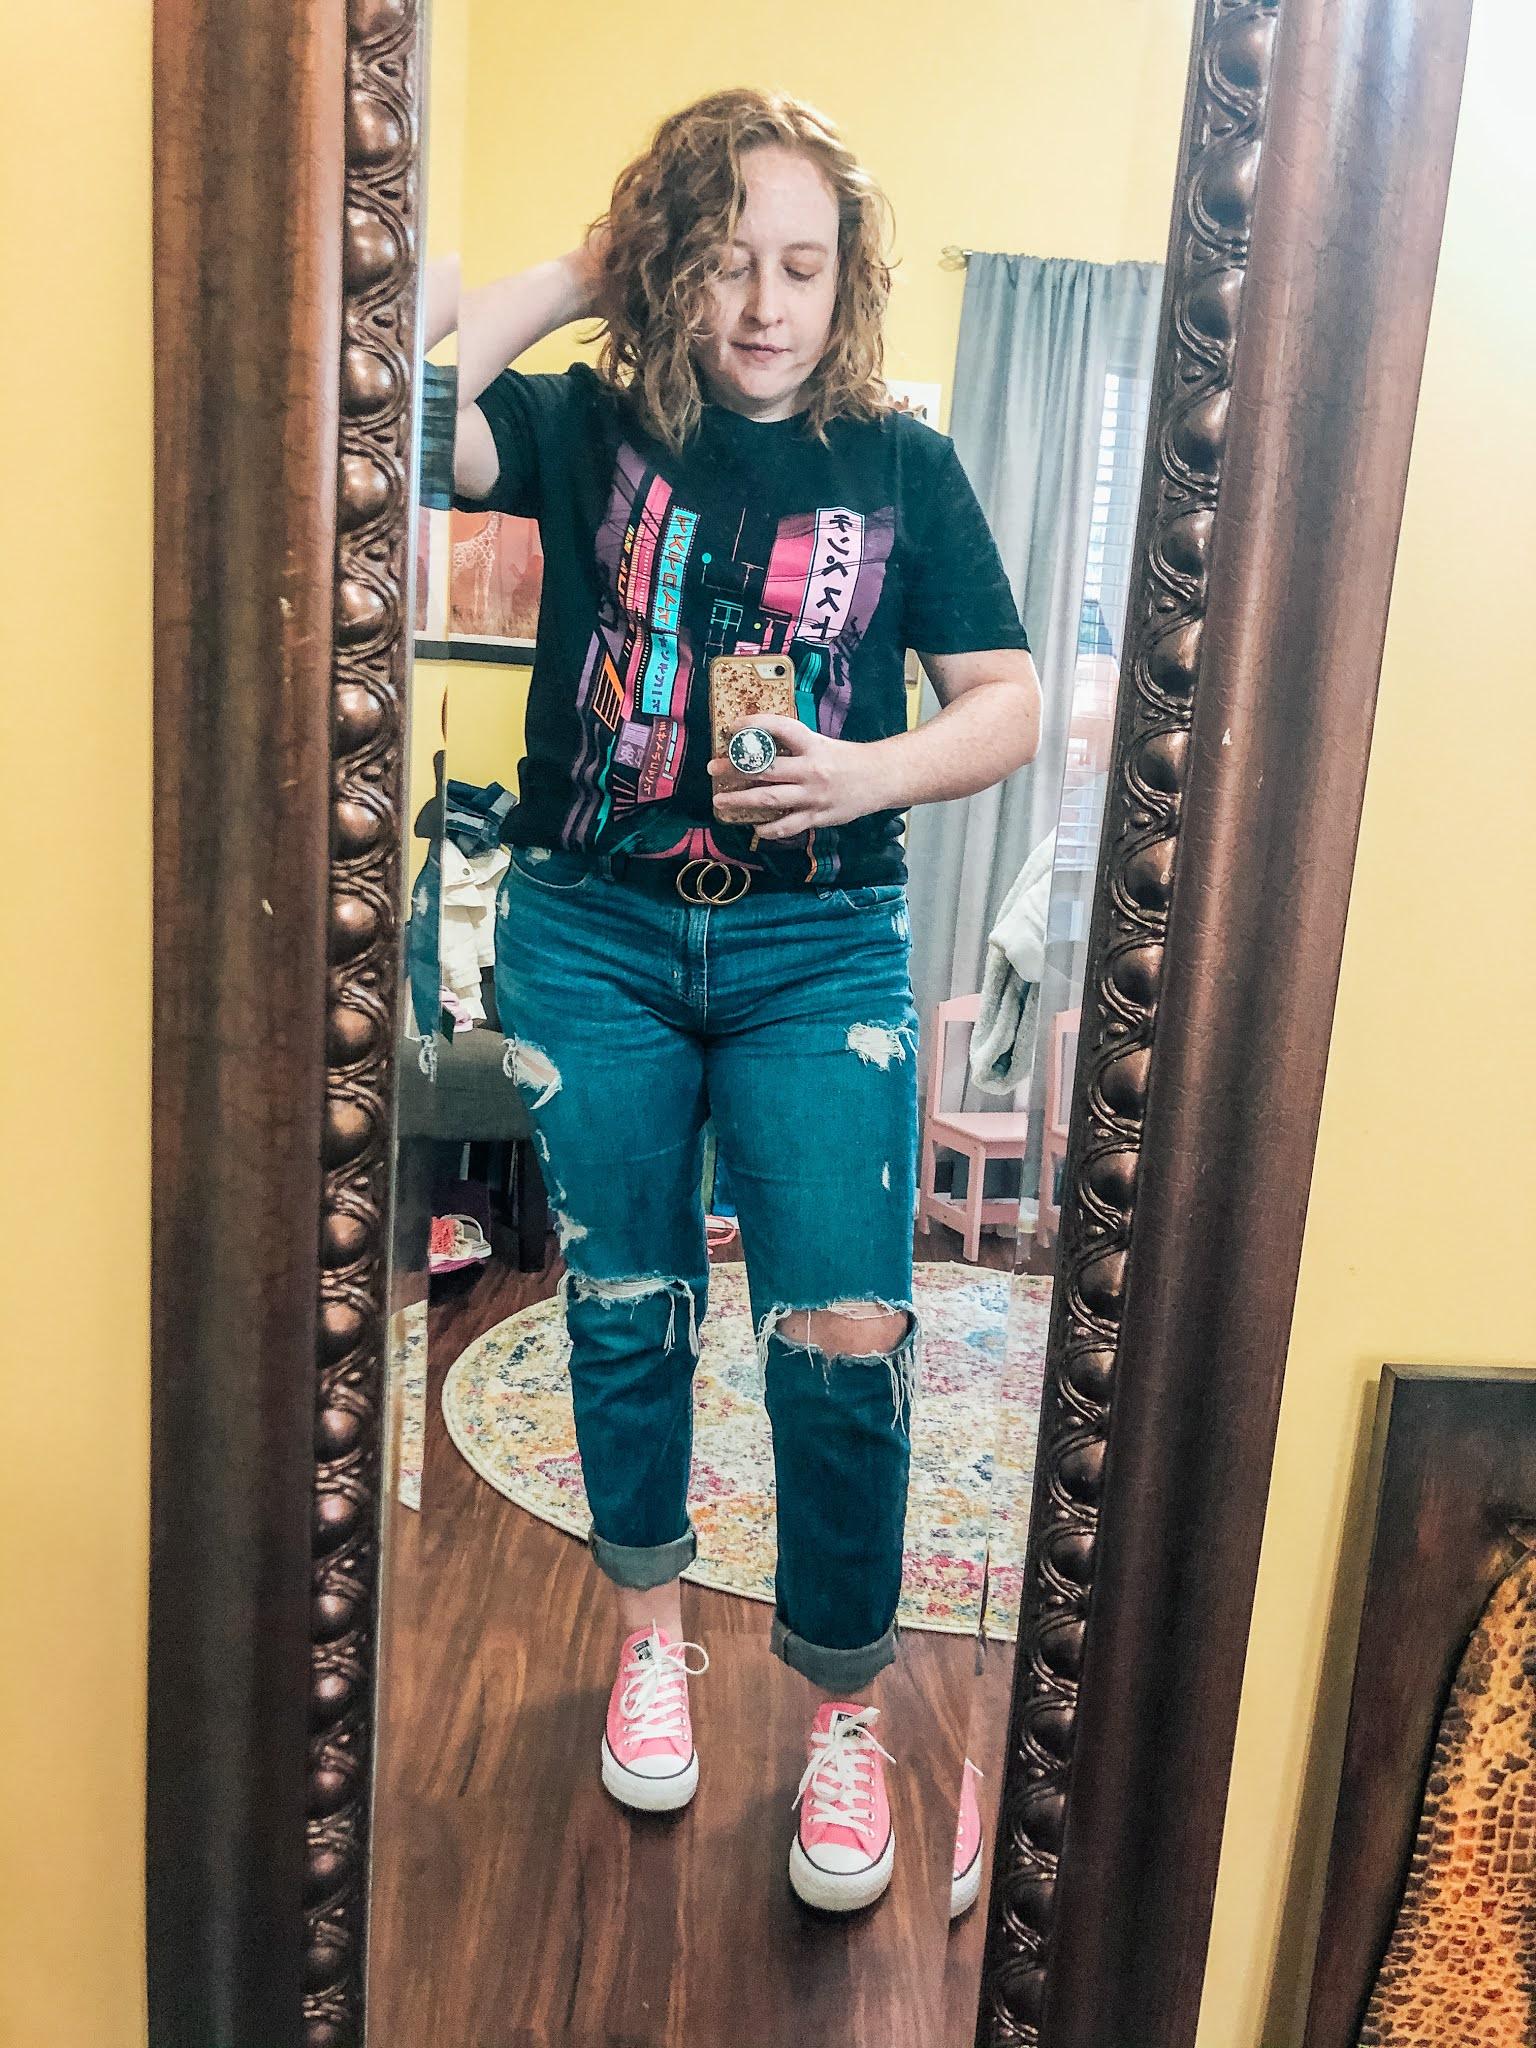 atari-tshirt-boyfriend-jeans-converse